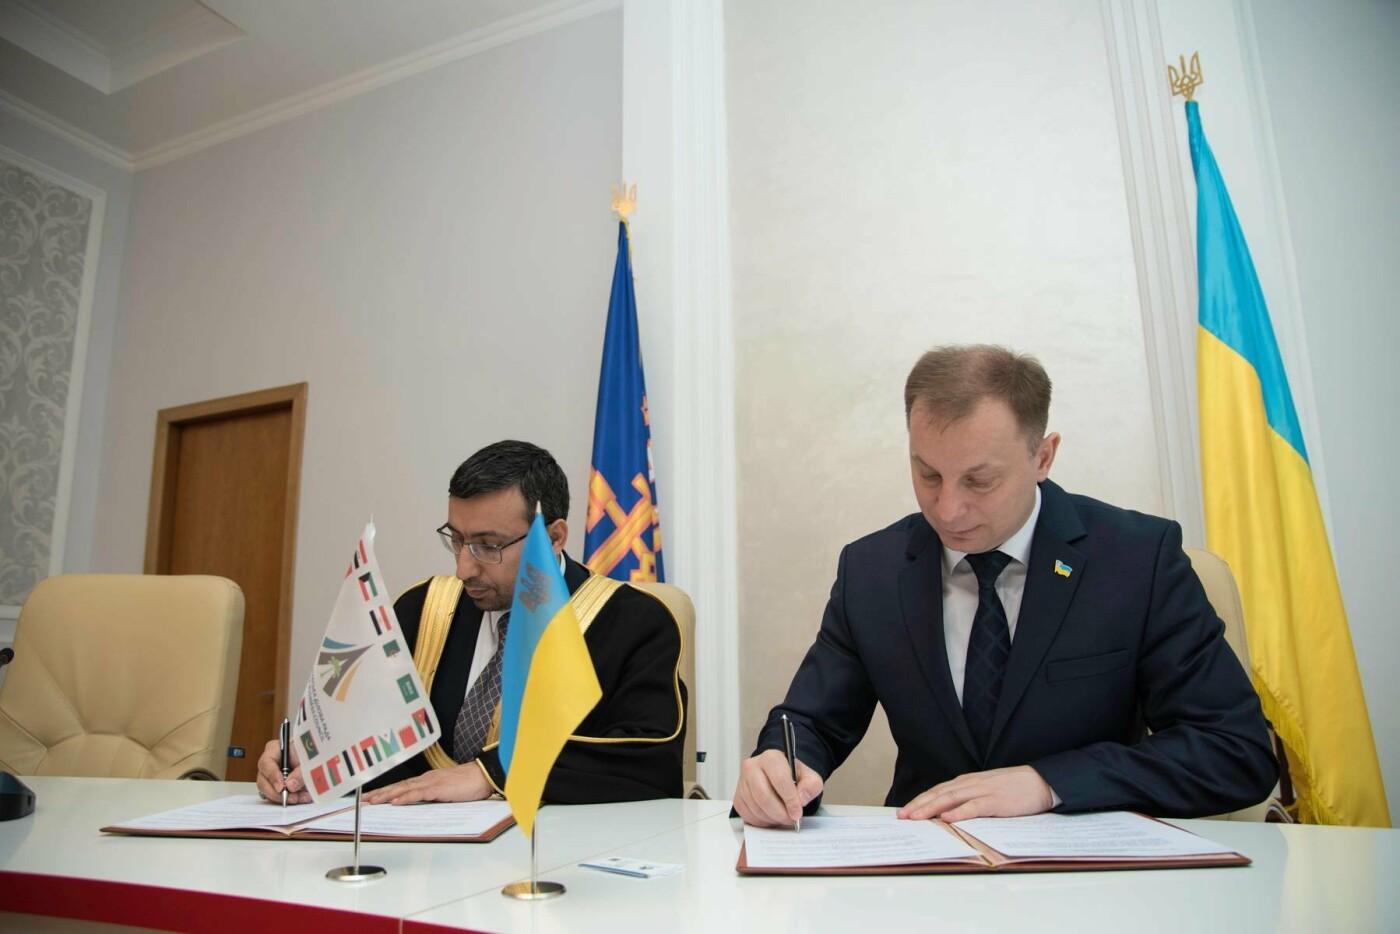 Тернопільська ОДА підписала меморандум про співробітництво з Українсько-Арабською Діловою Радою (фото), фото-1